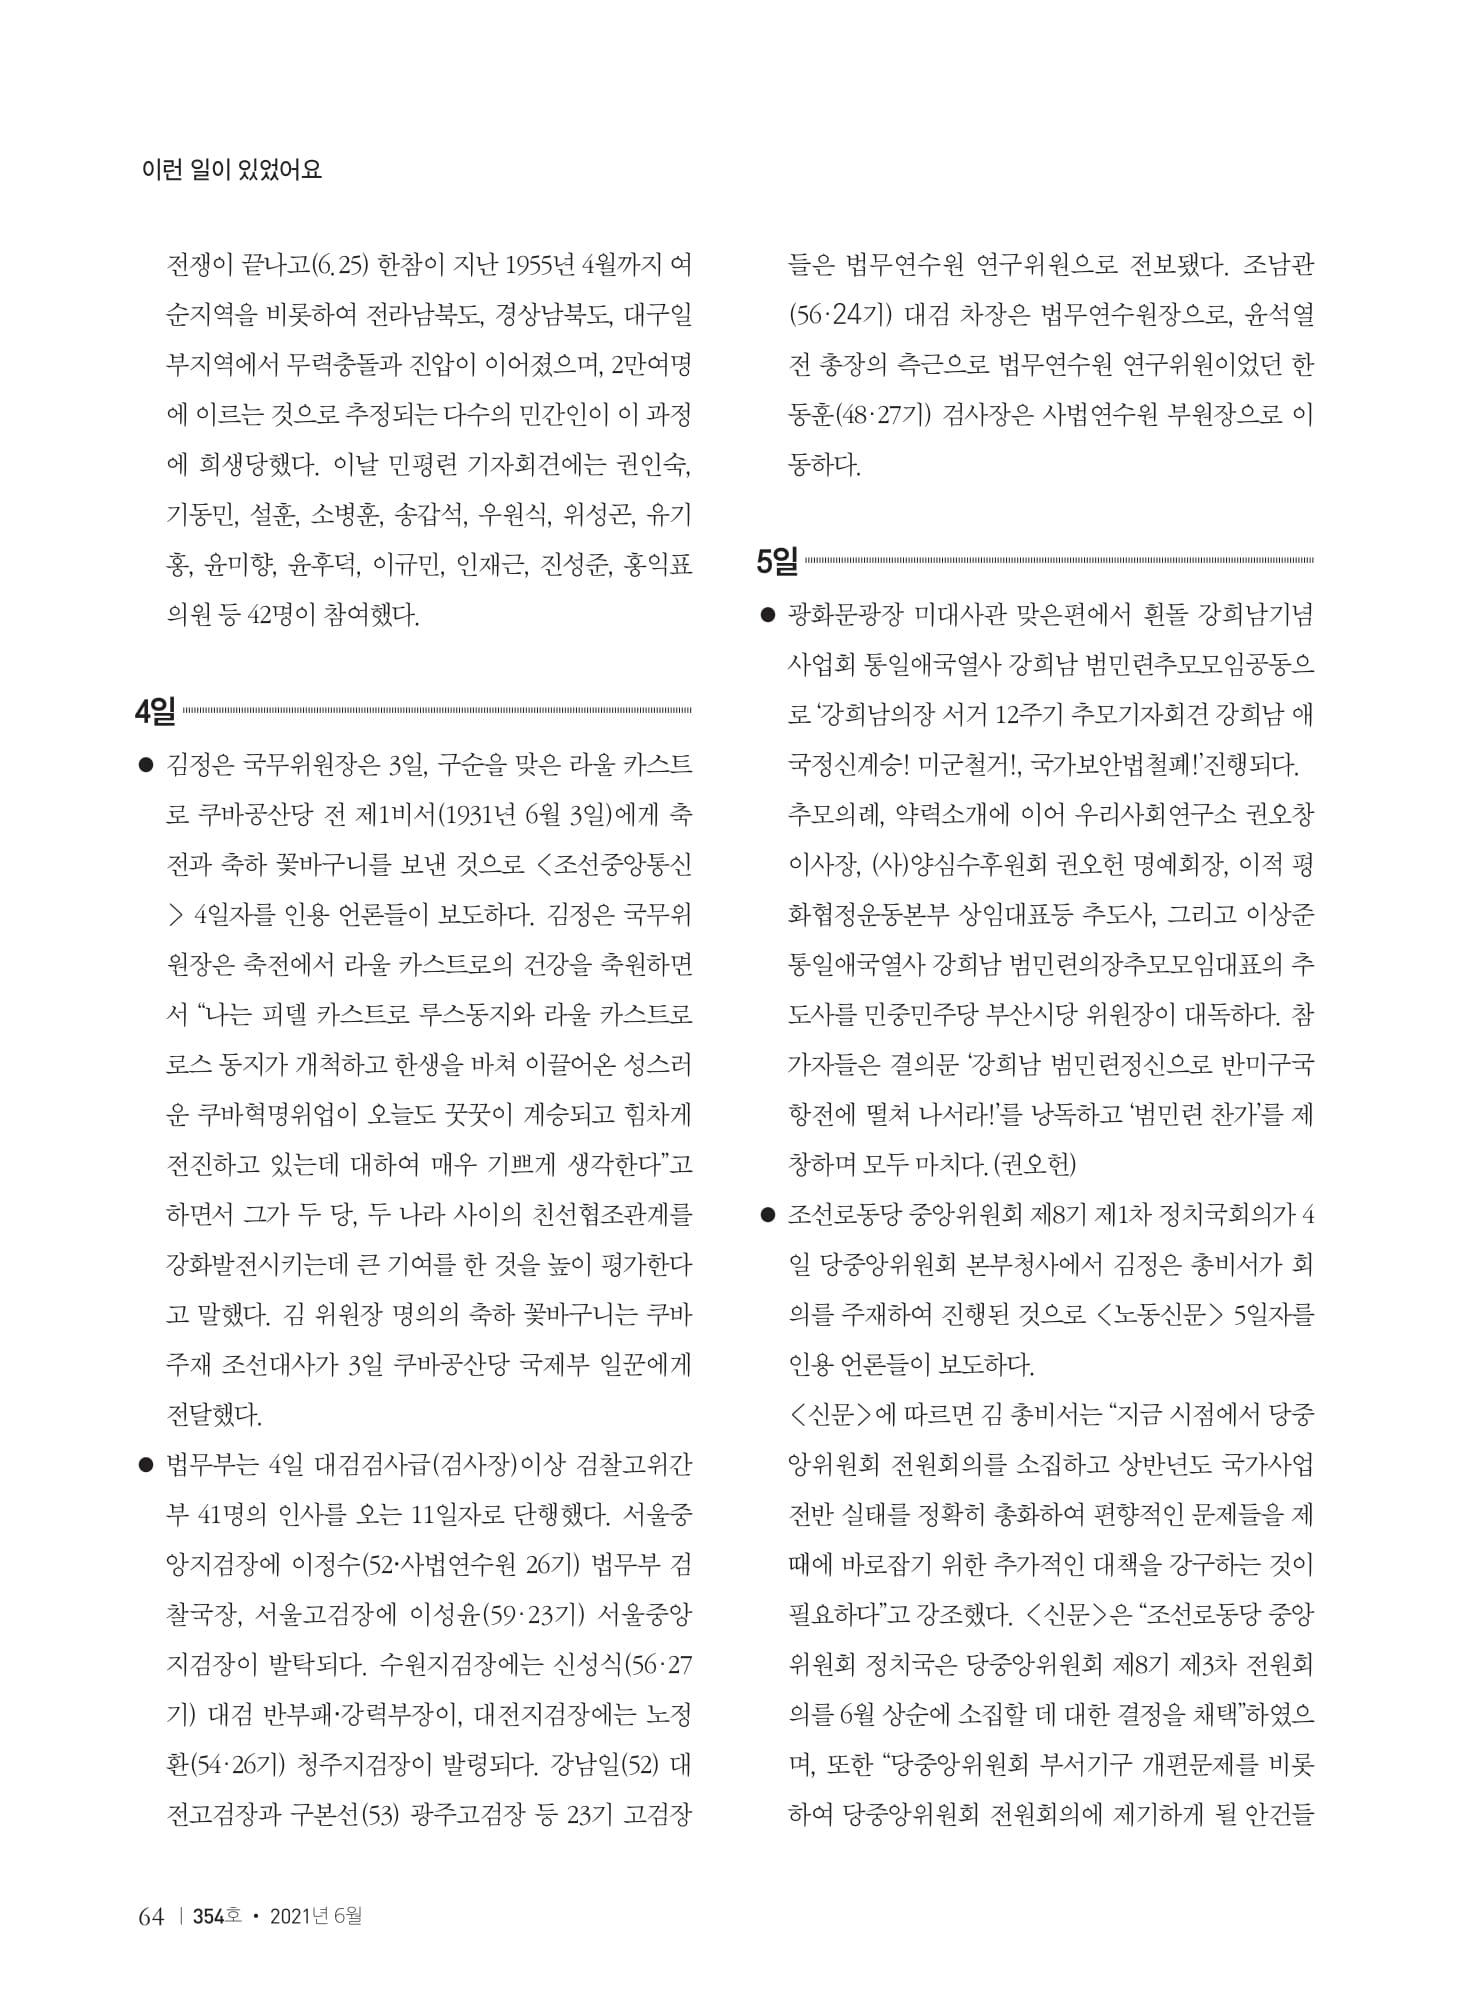 [양심수후원회] 소식지 354호 web 수정-66.jpg